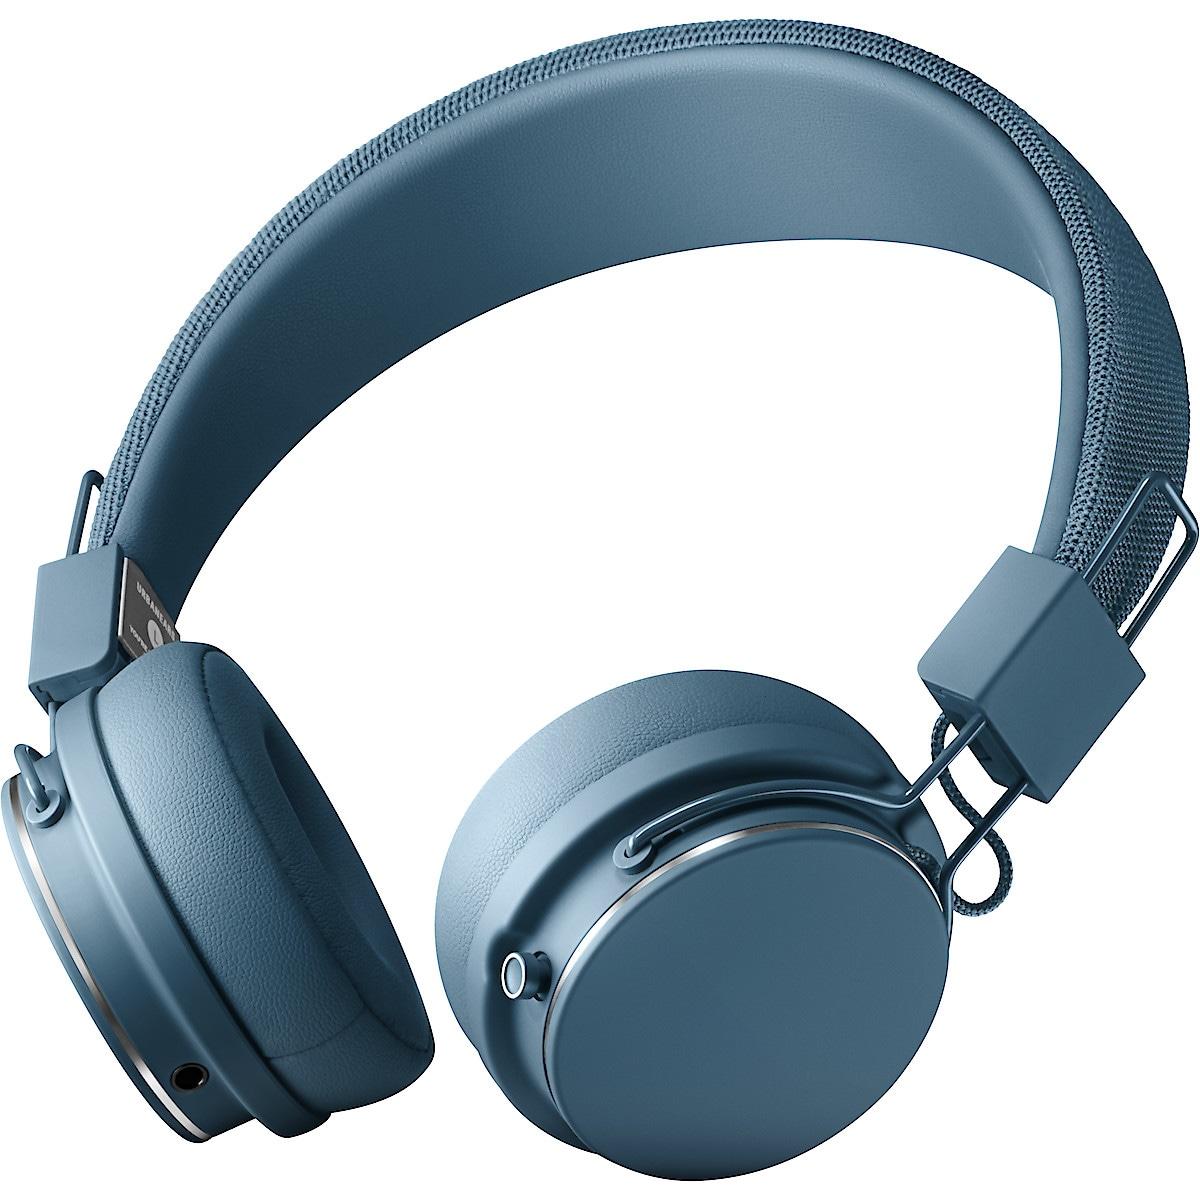 Trådlösa hörlurar med mikrofon Urbanears Plattan 2 Bluetooth